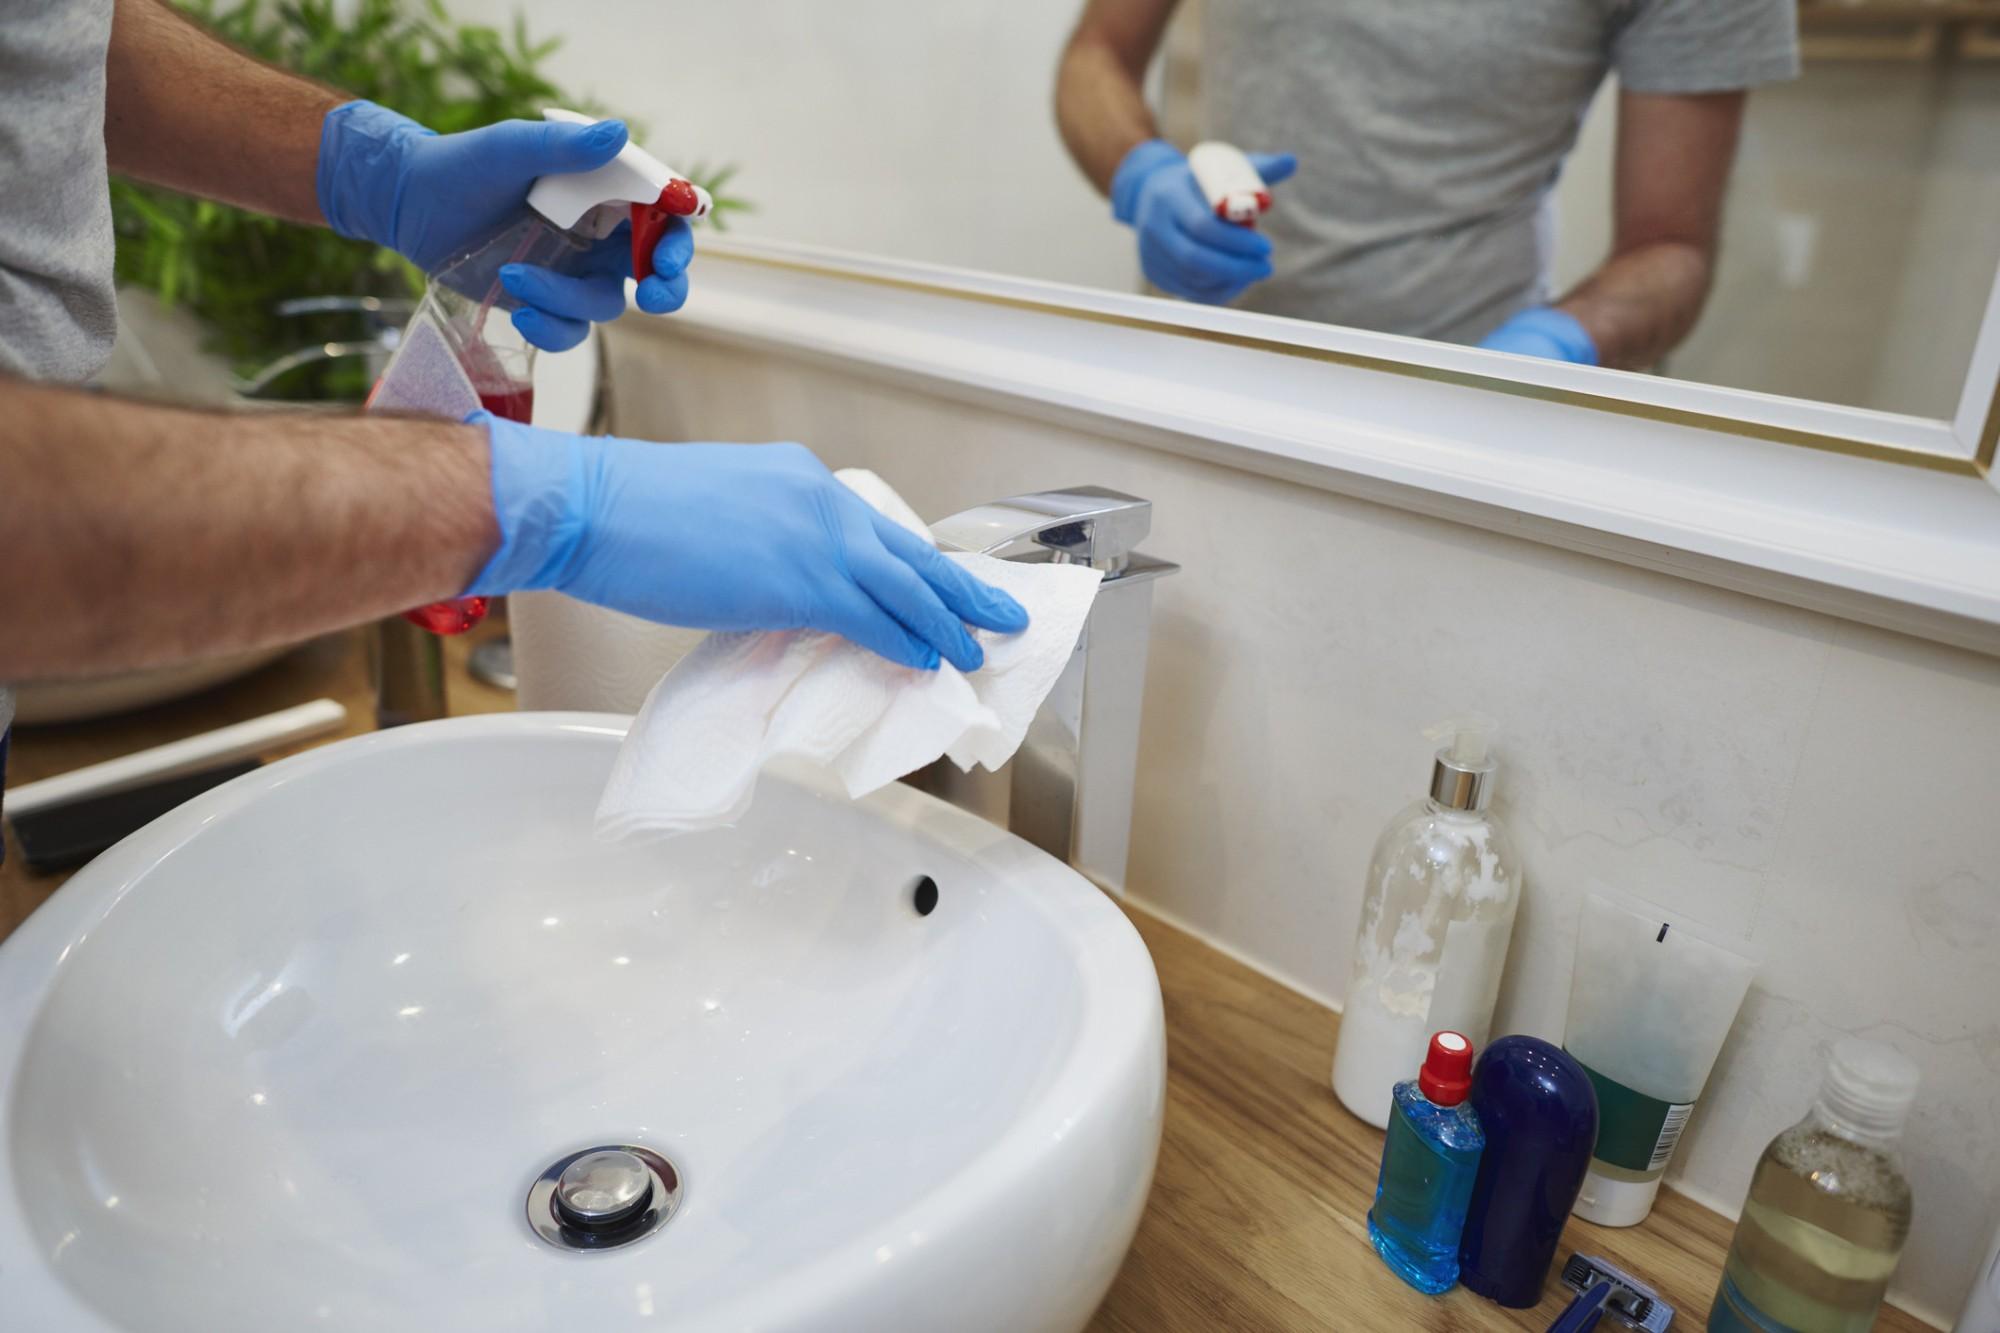 limpeza do banheiro